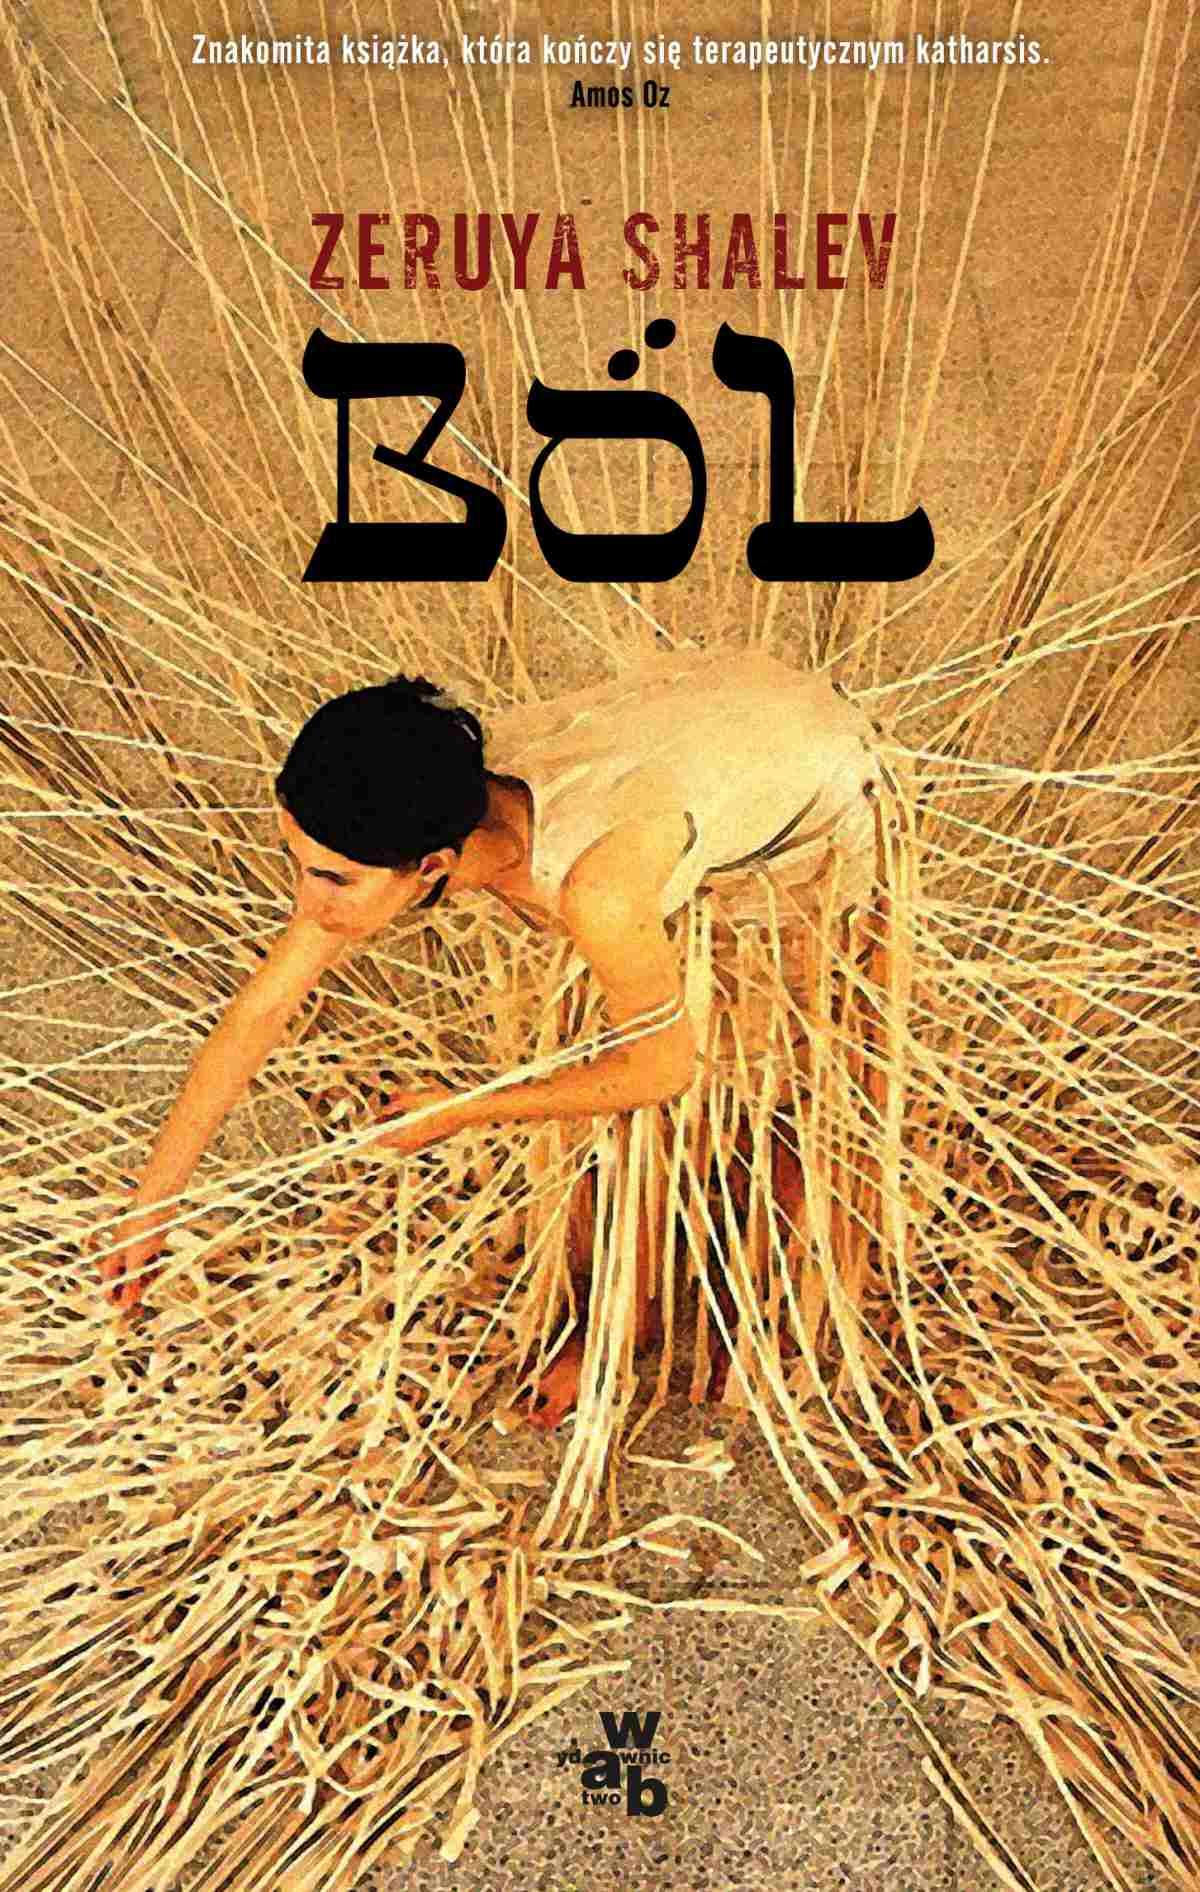 Ból - Ebook (Książka na Kindle) do pobrania w formacie MOBI